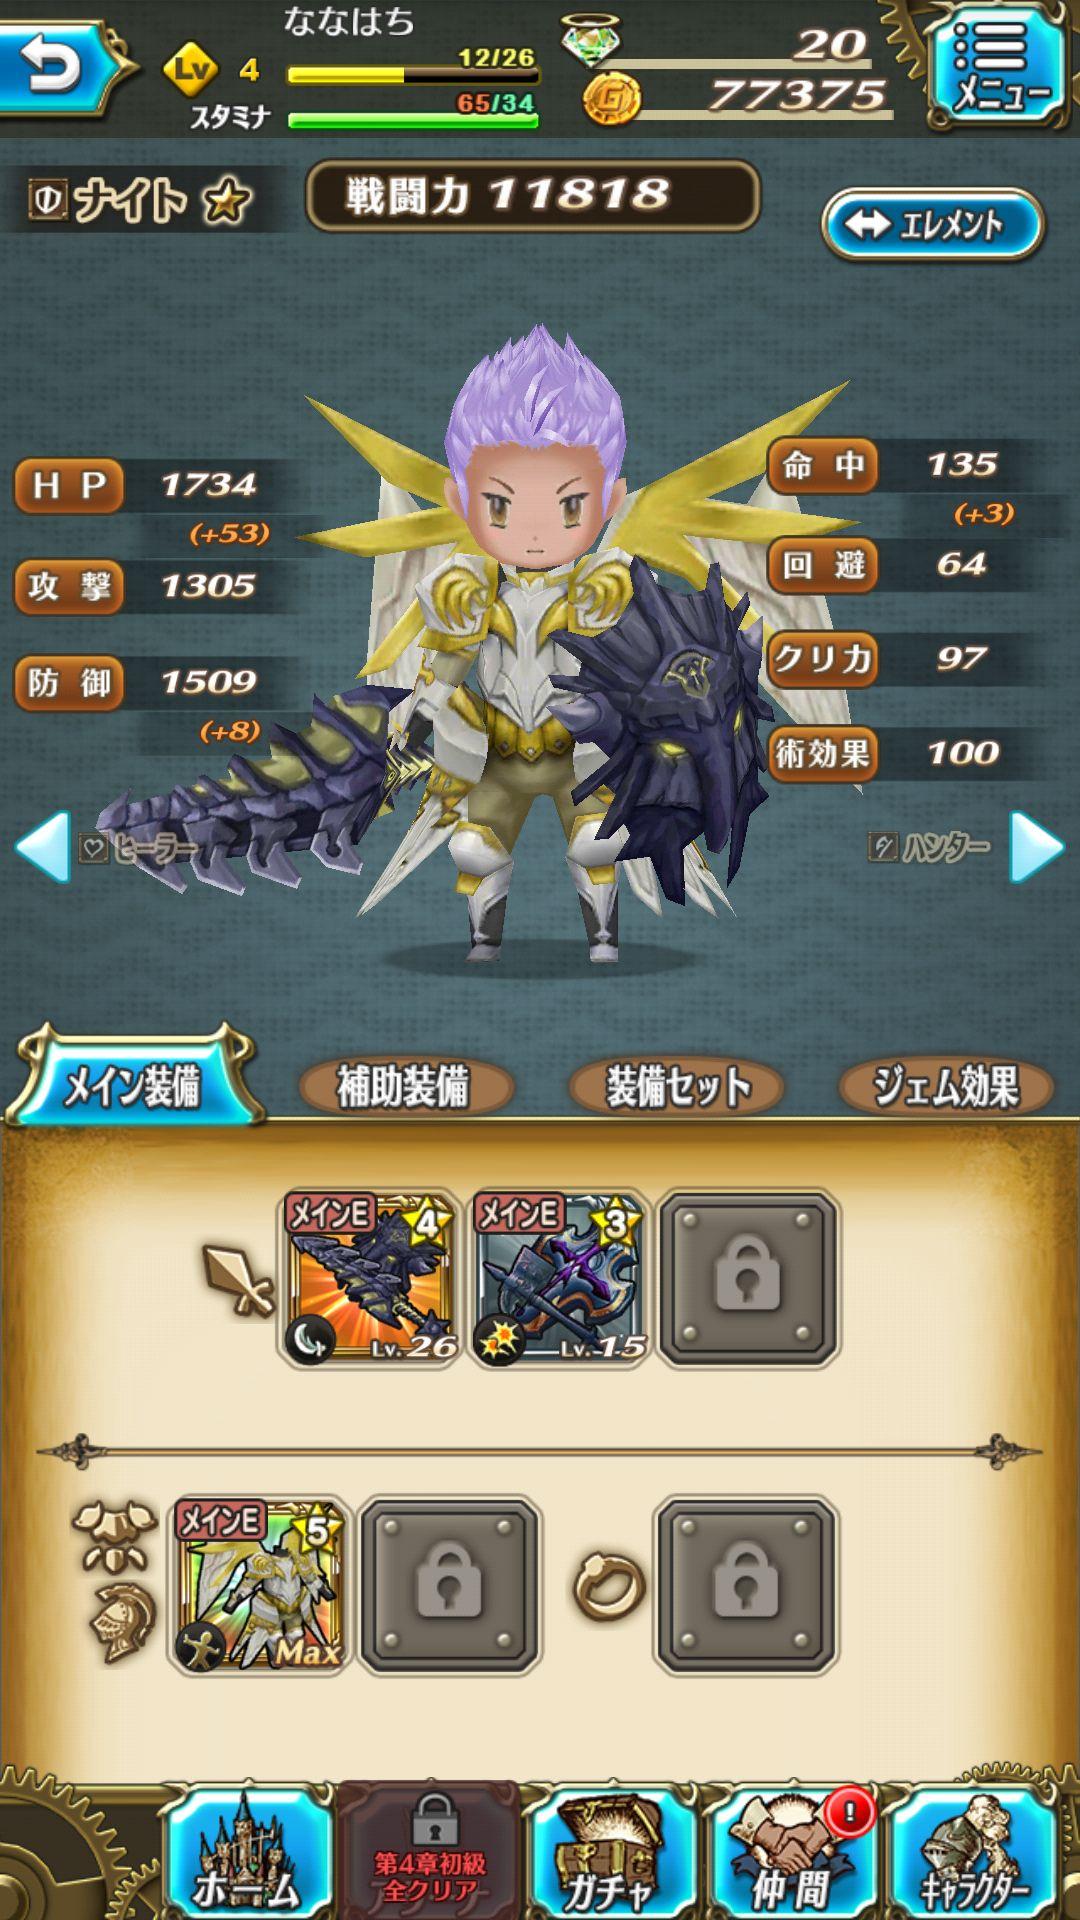 トライリンク 光の女神と七魔獣 androidアプリスクリーンショット3